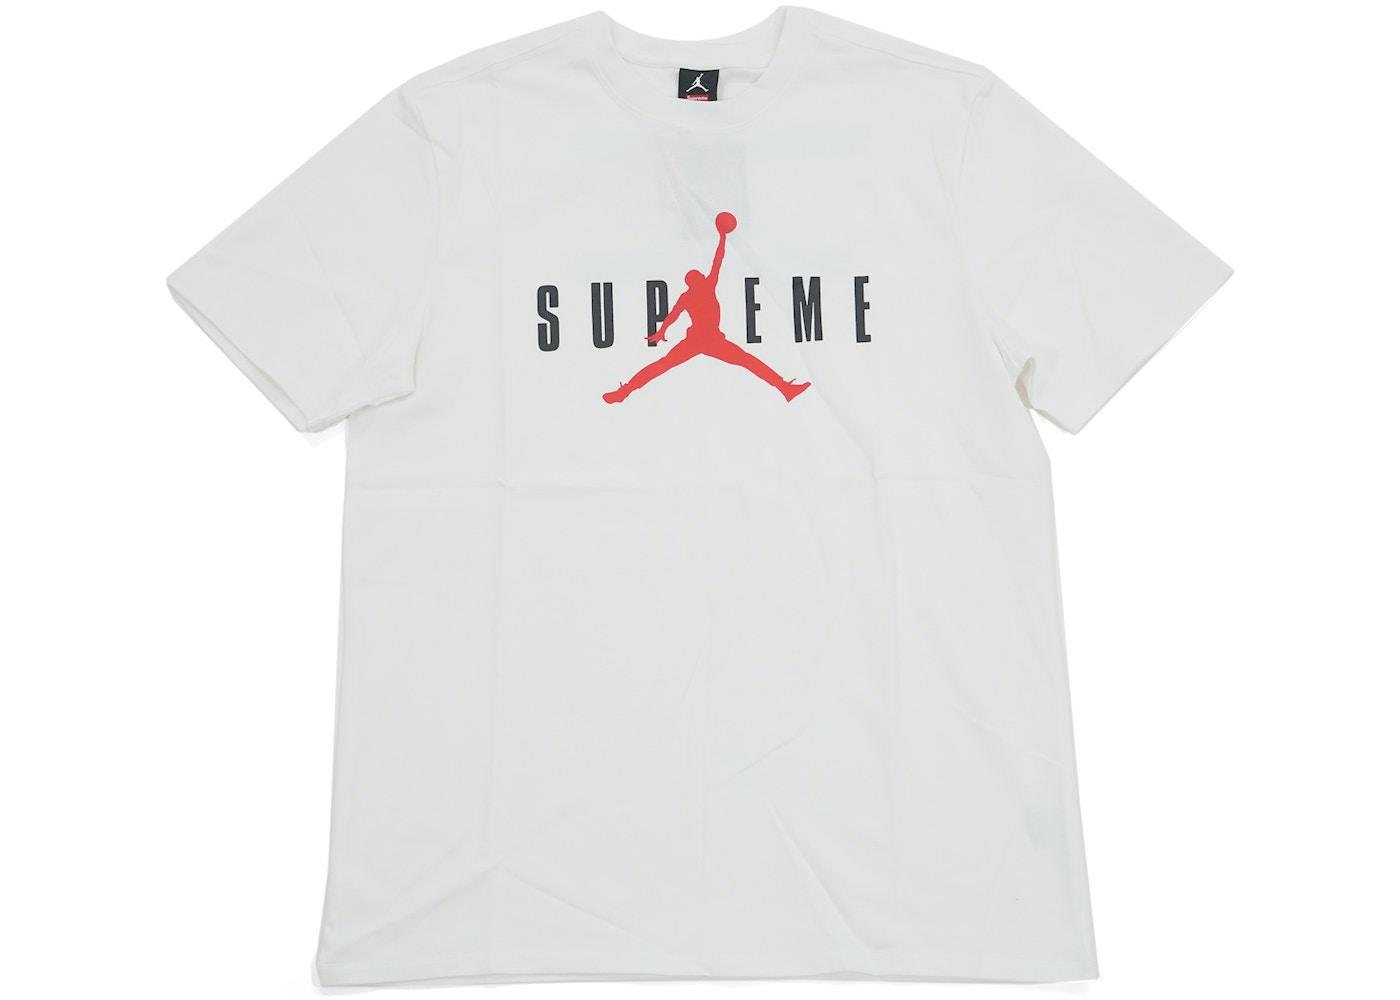 nouveaux styles 59f23 64d59 Supreme Jordan Tee White